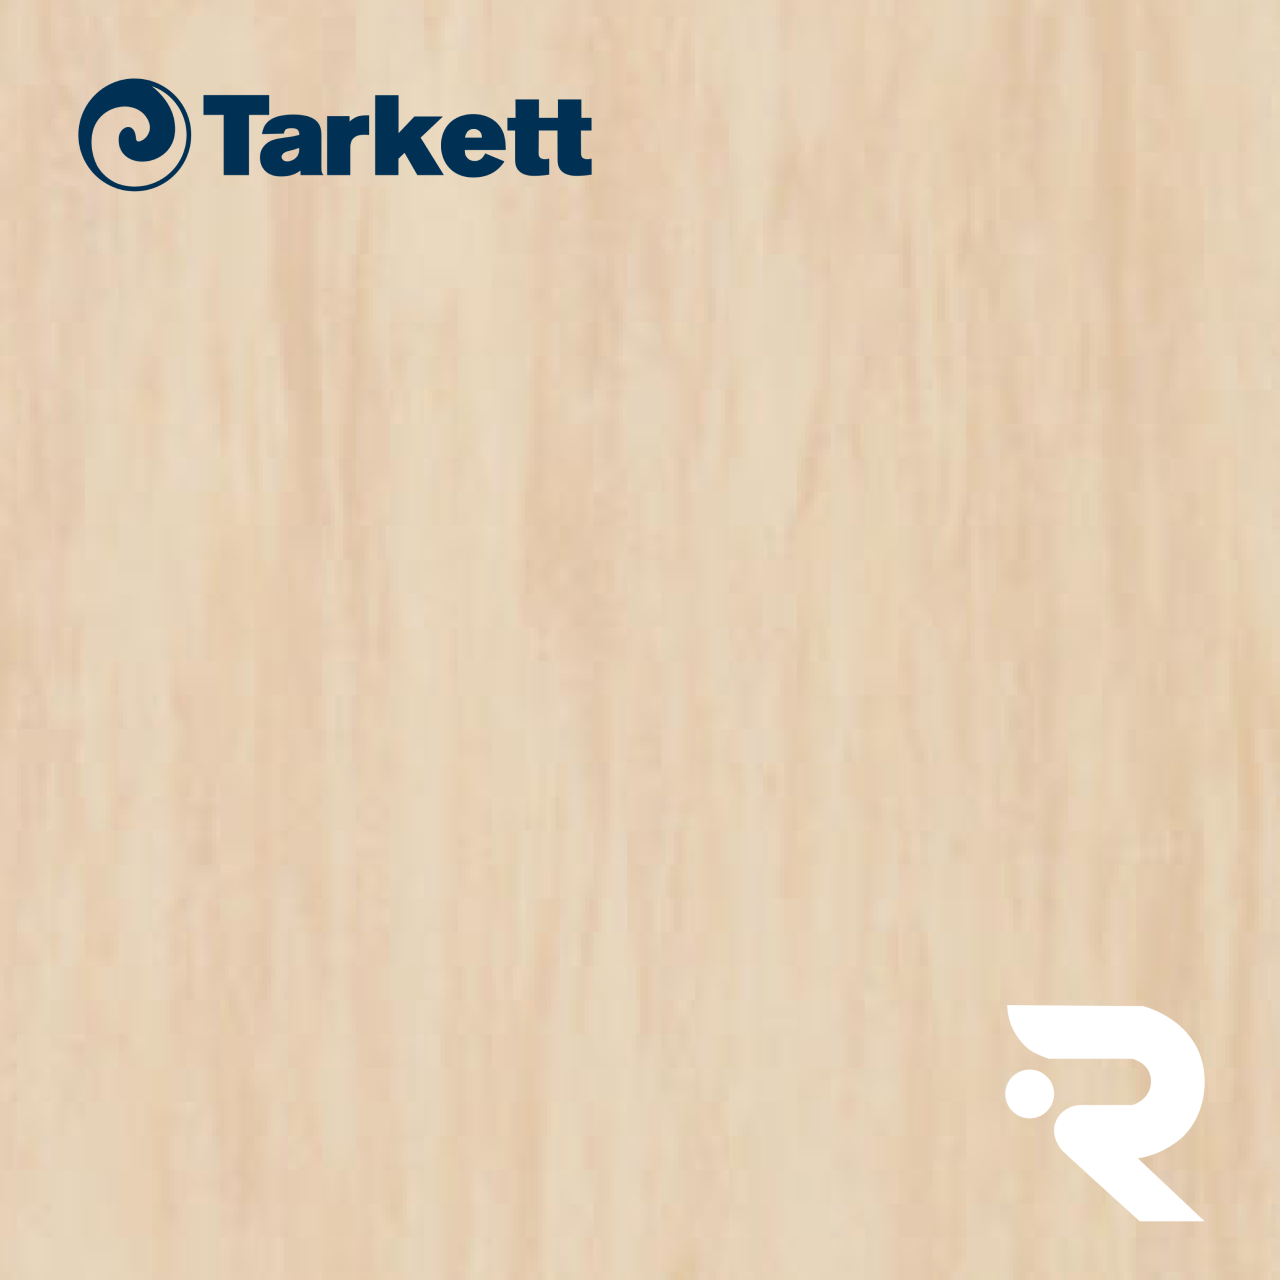 🏫 Гомогенний лінолеум Tarkett | Standard SAND 0913 | Standard Plus 2.0 mm | 2 х 23 м